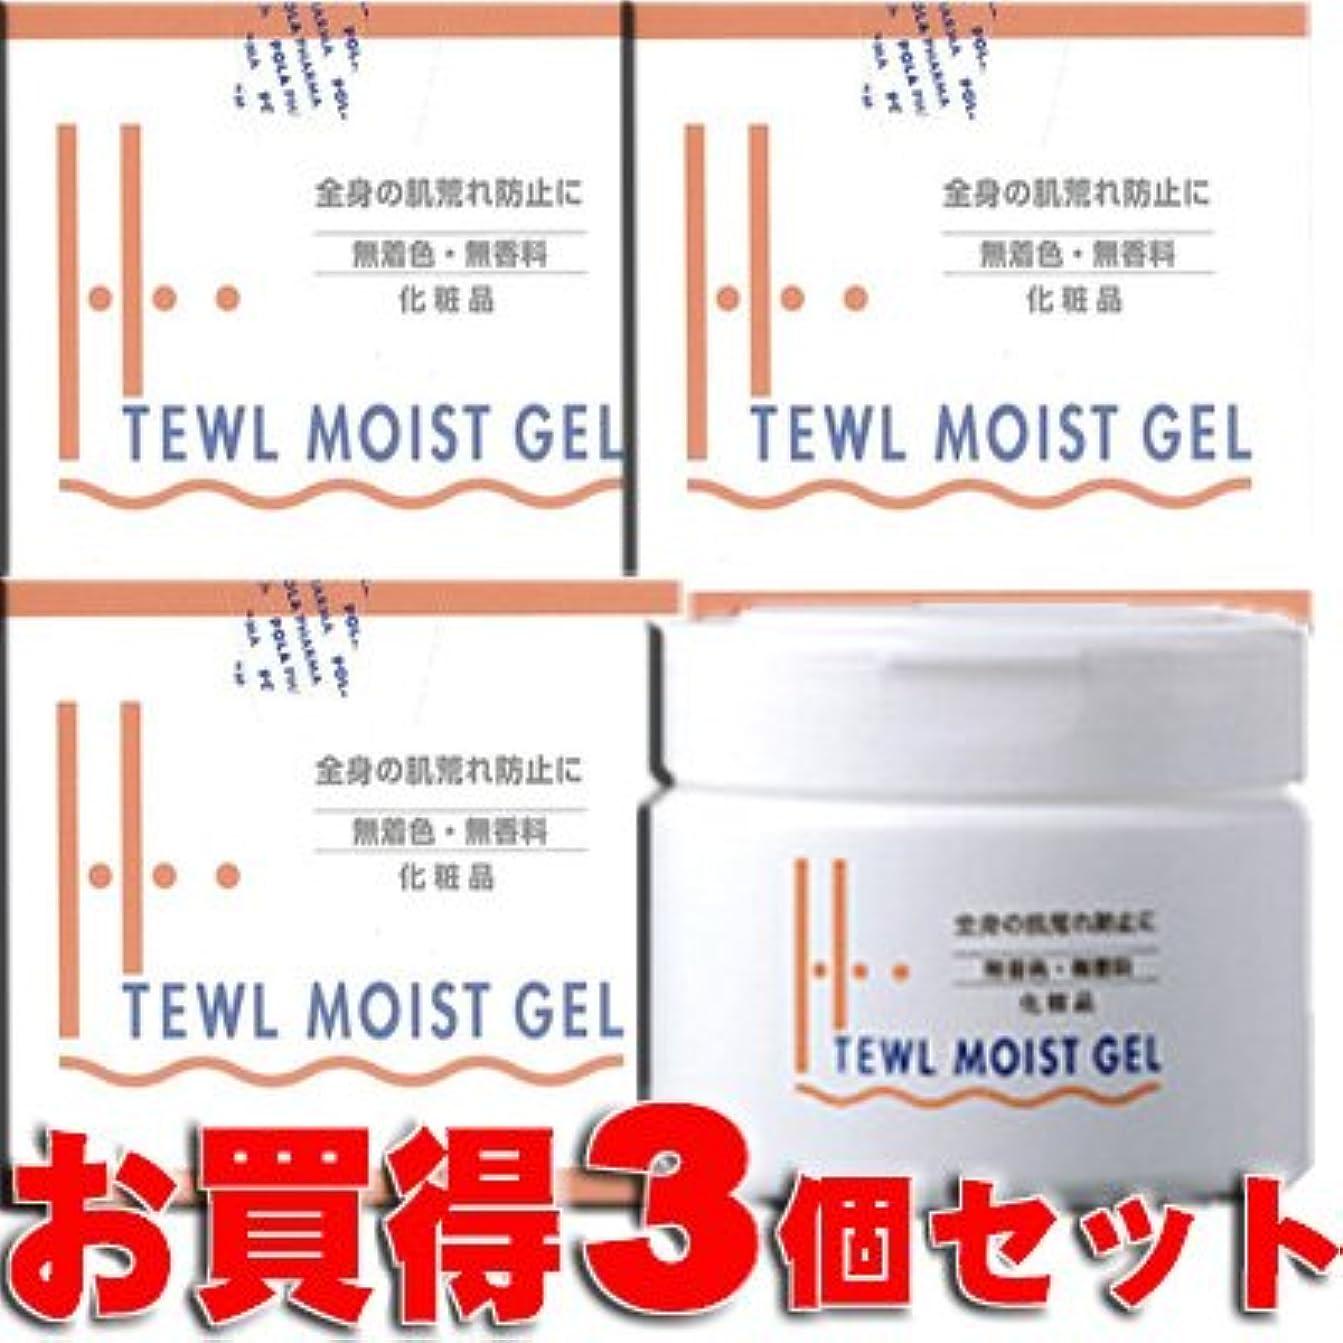 すり近似警戒★お買得3個★ ハイテウル モイストジェル 300gx3個 (ポーラファルマ)エタノールや界面活性剤に敏感な方へおすすめするゲルクリームです。